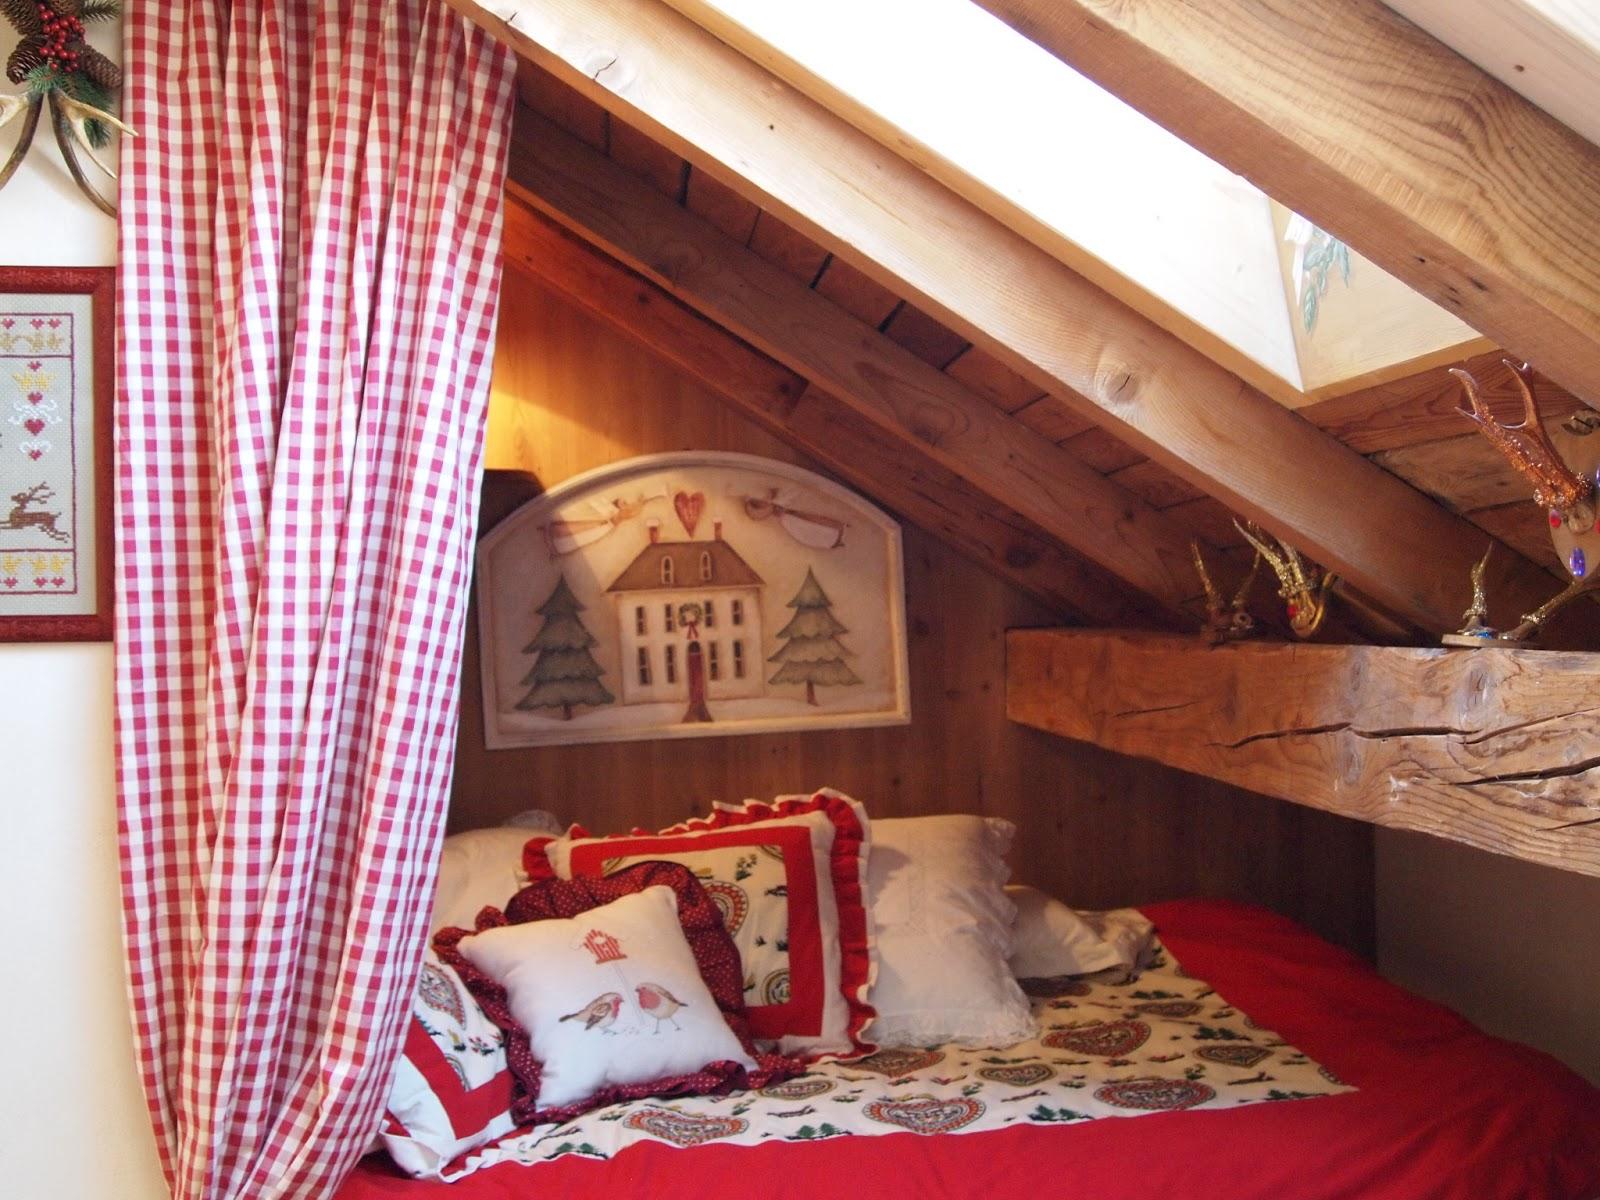 Riviste arredamento case di montagna: arredare casa in montagna case